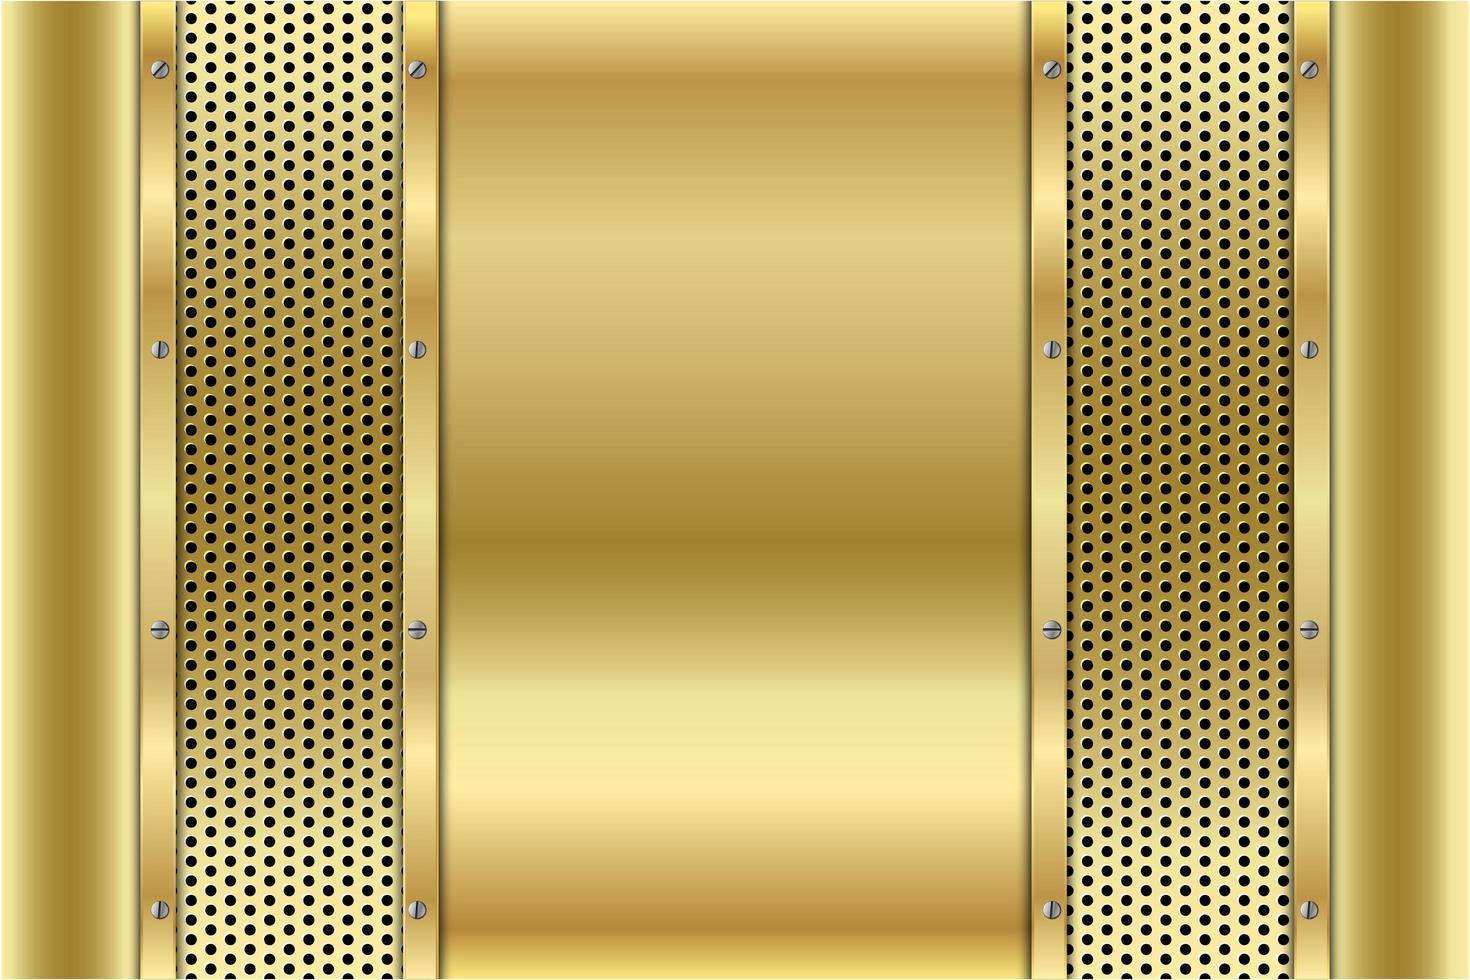 panneaux d'or métallique avec des vis sur texture perforée vecteur